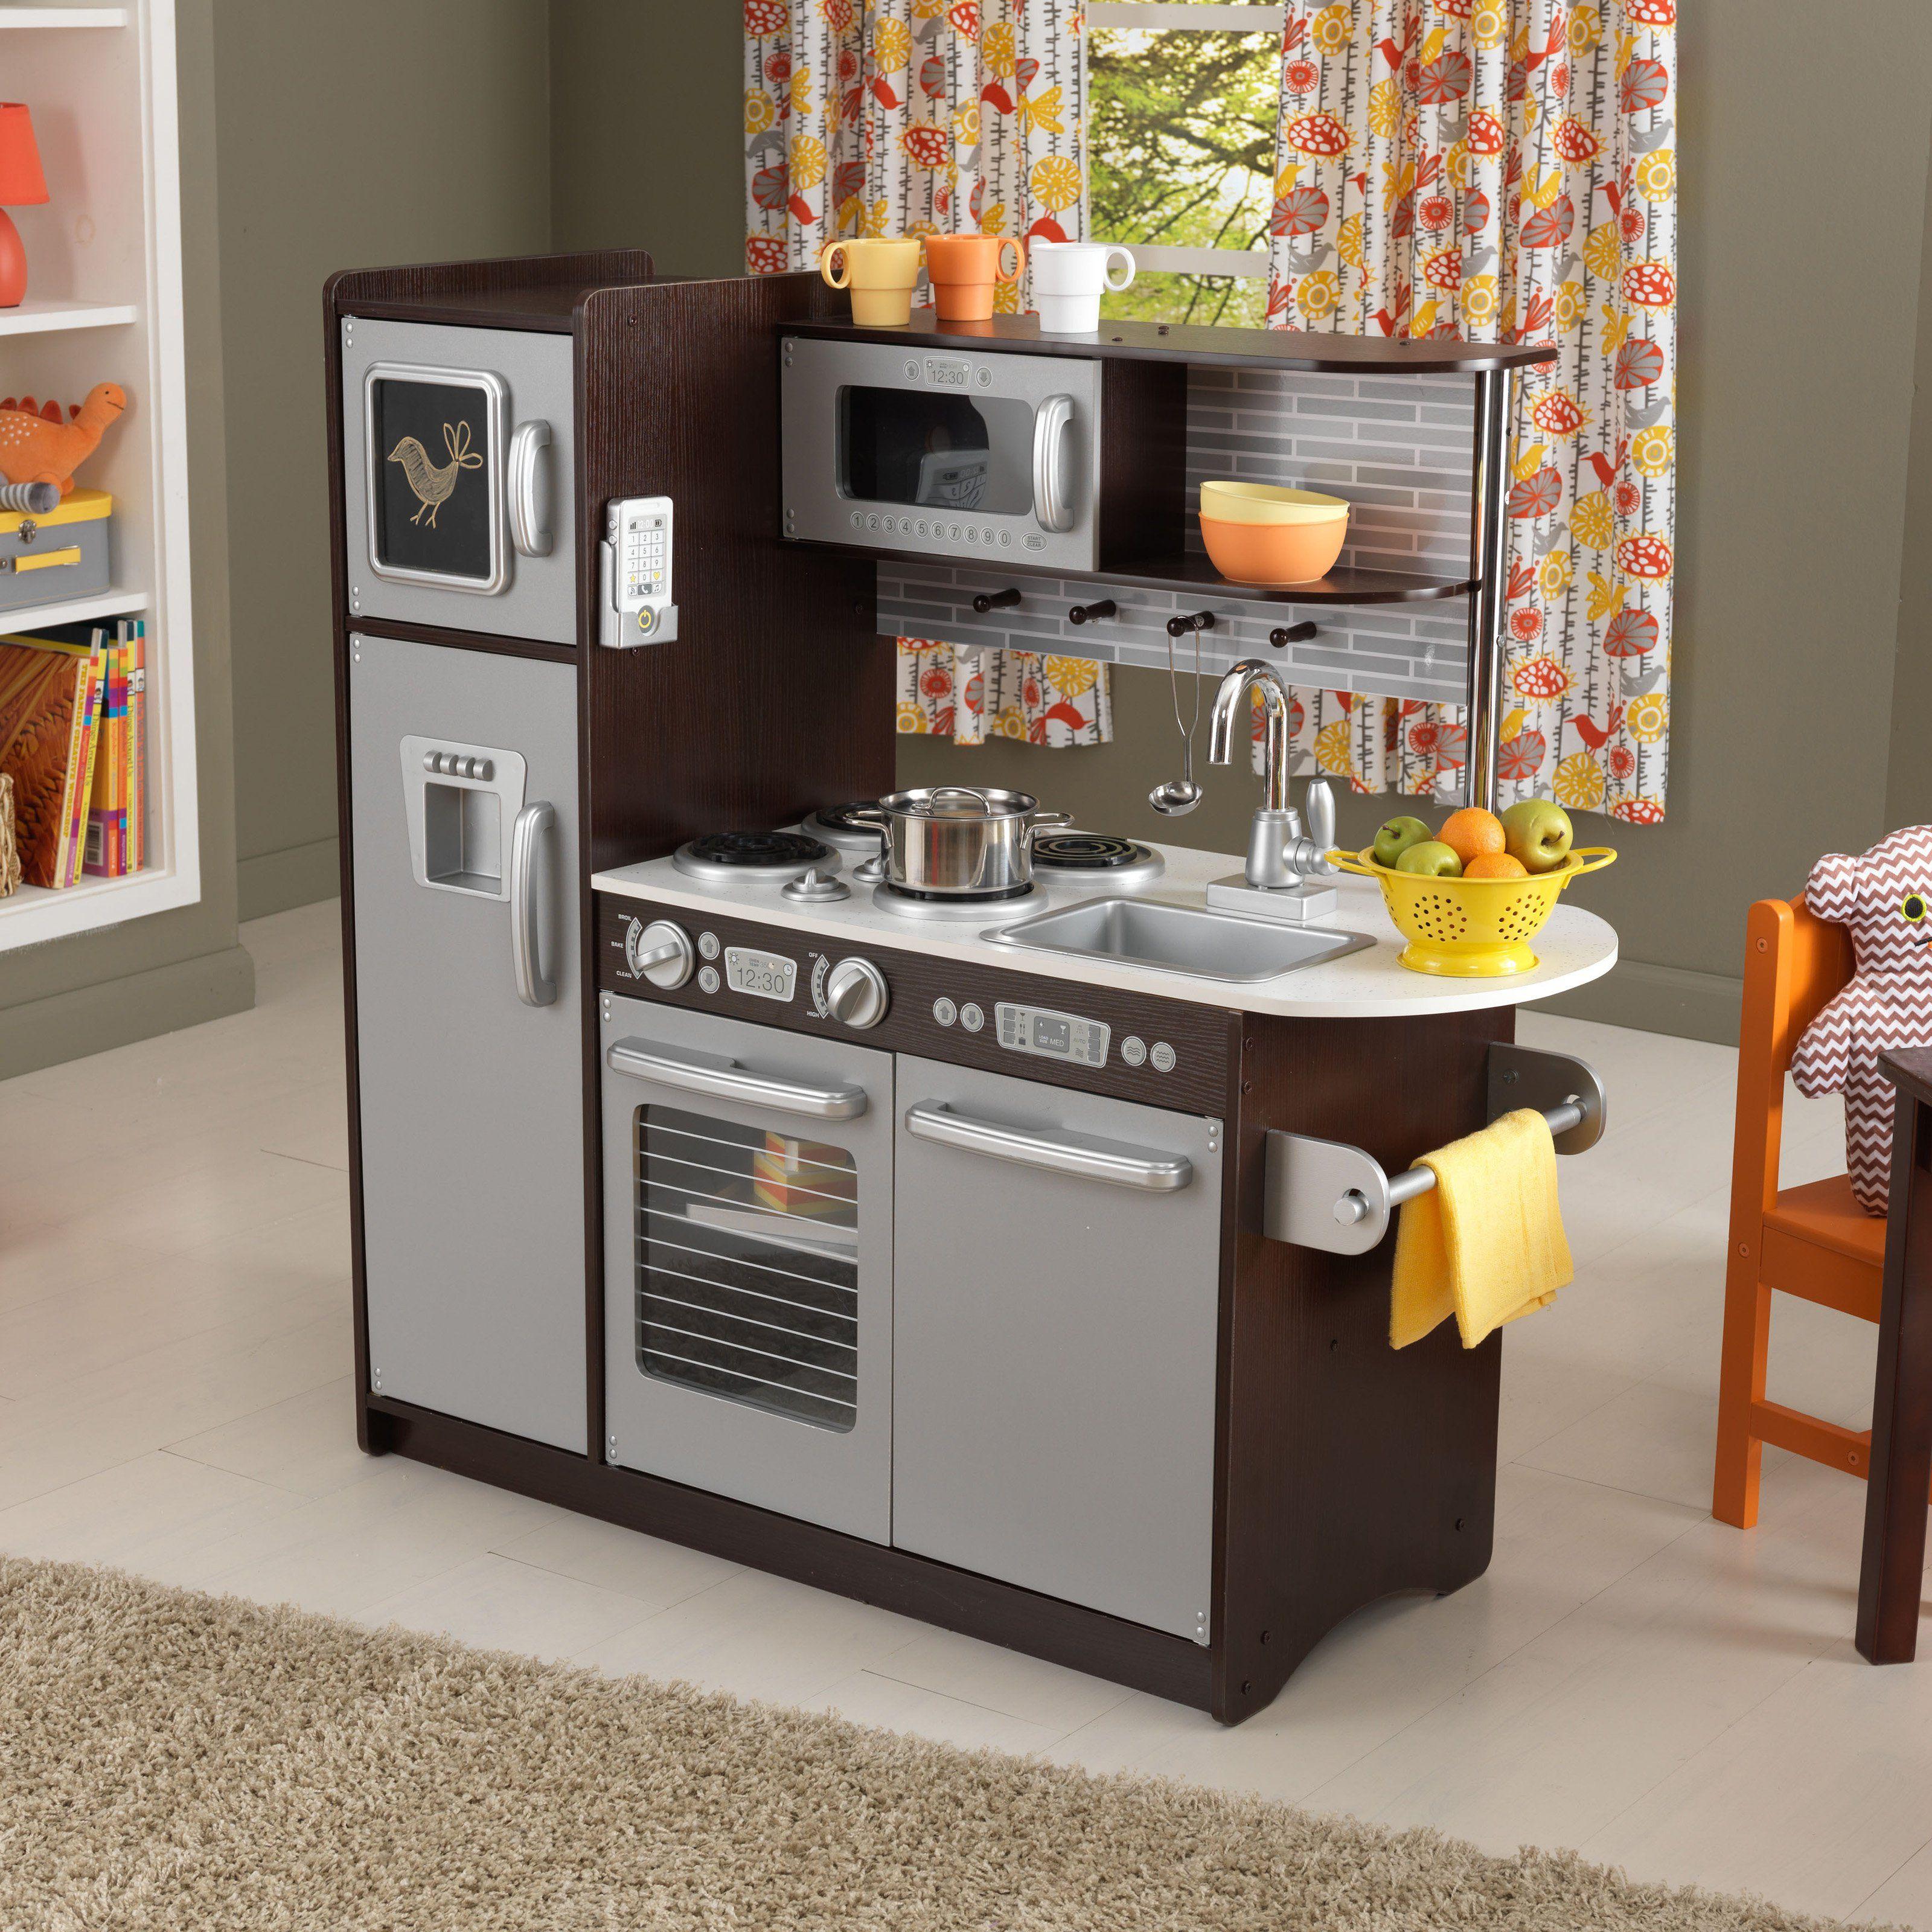 KidKraft Uptown Espresso Play Kitchen Products